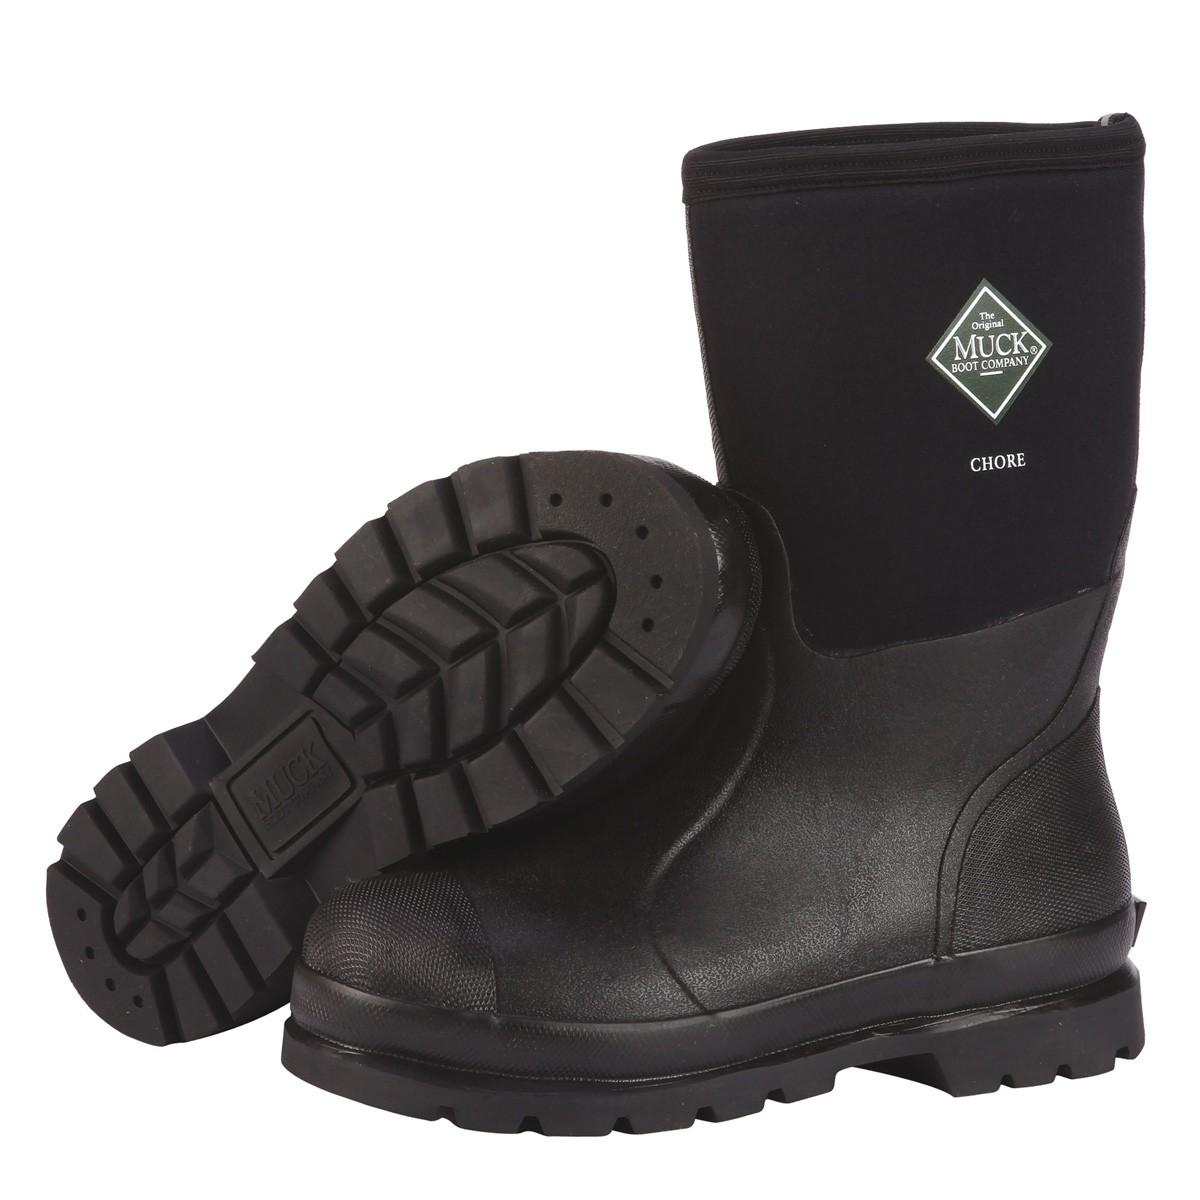 60d2656fa Original Muck Boot Company Chore Mid-Cut Boot, Black